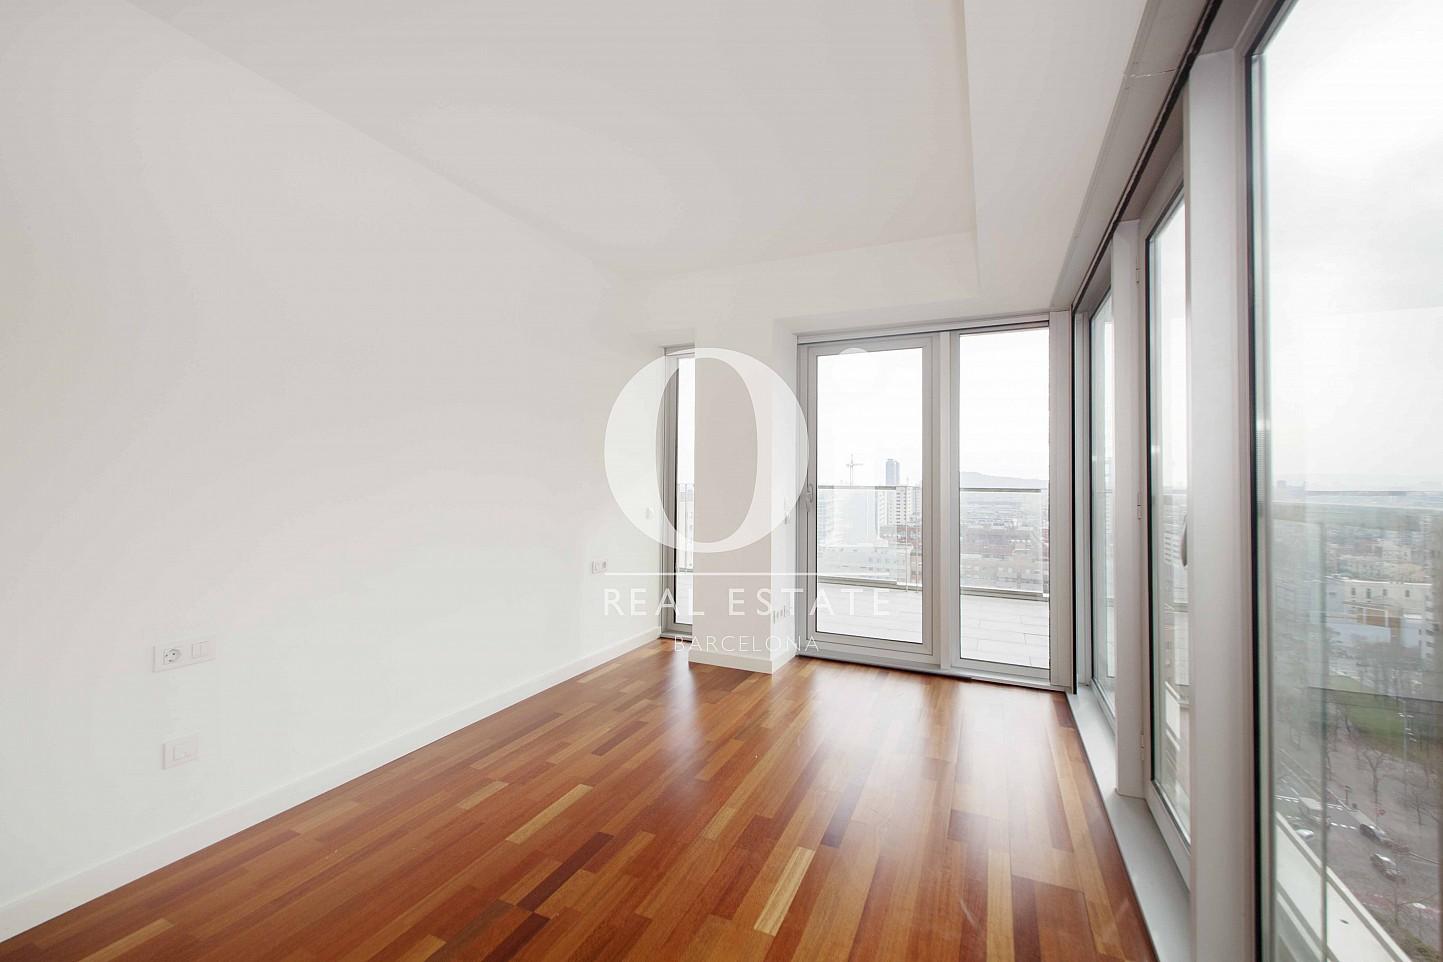 Habitación con amplios ventanales de preciosas vistas de piso en venta en Diagonal Mar, Barcelona